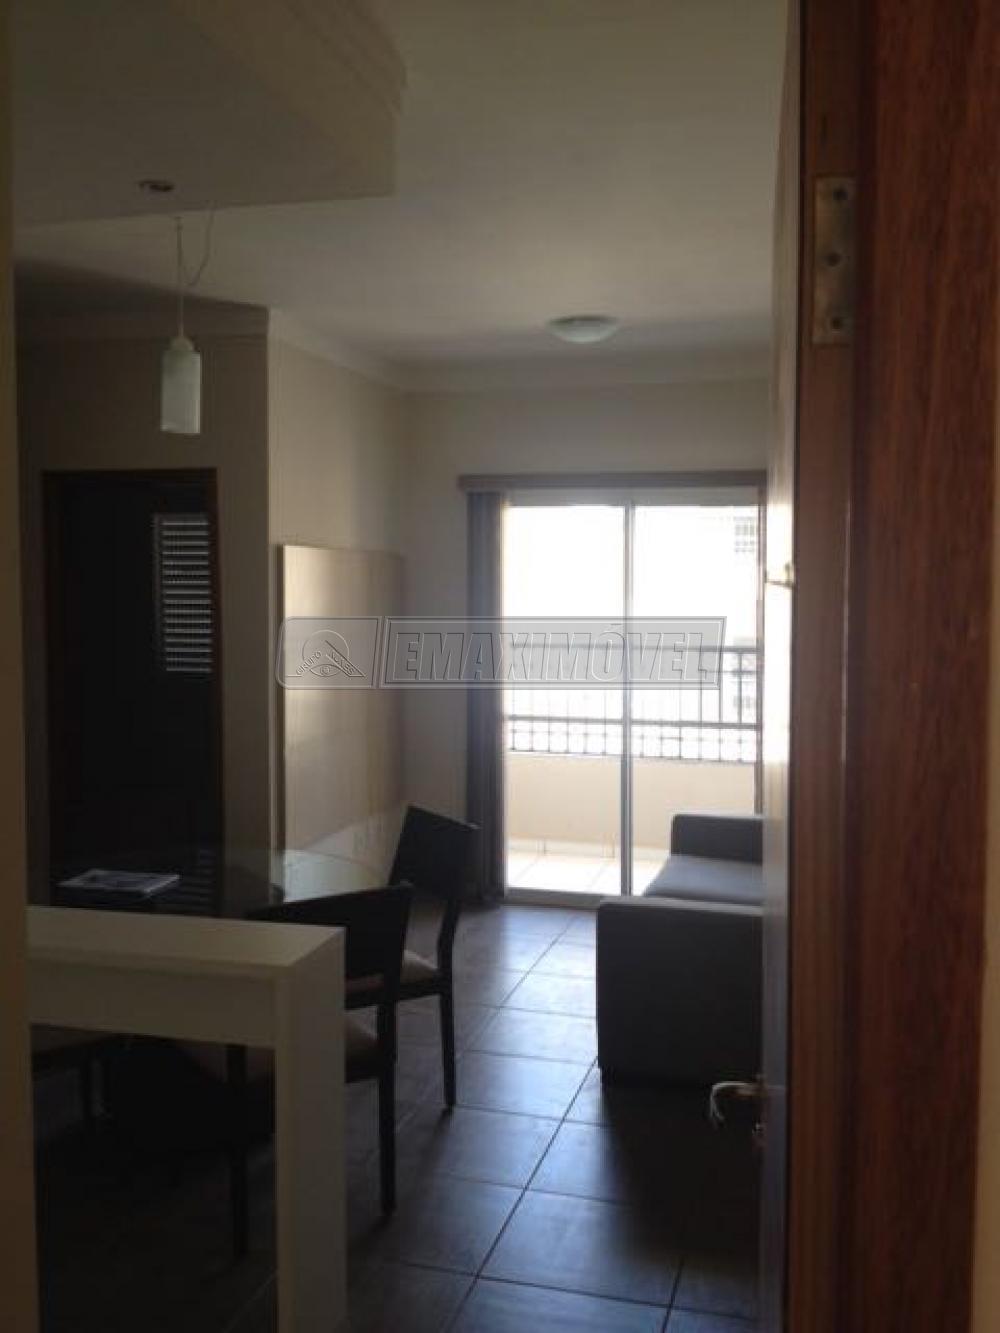 Comprar Apartamentos / Apto Padrão em Sorocaba apenas R$ 250.000,00 - Foto 1